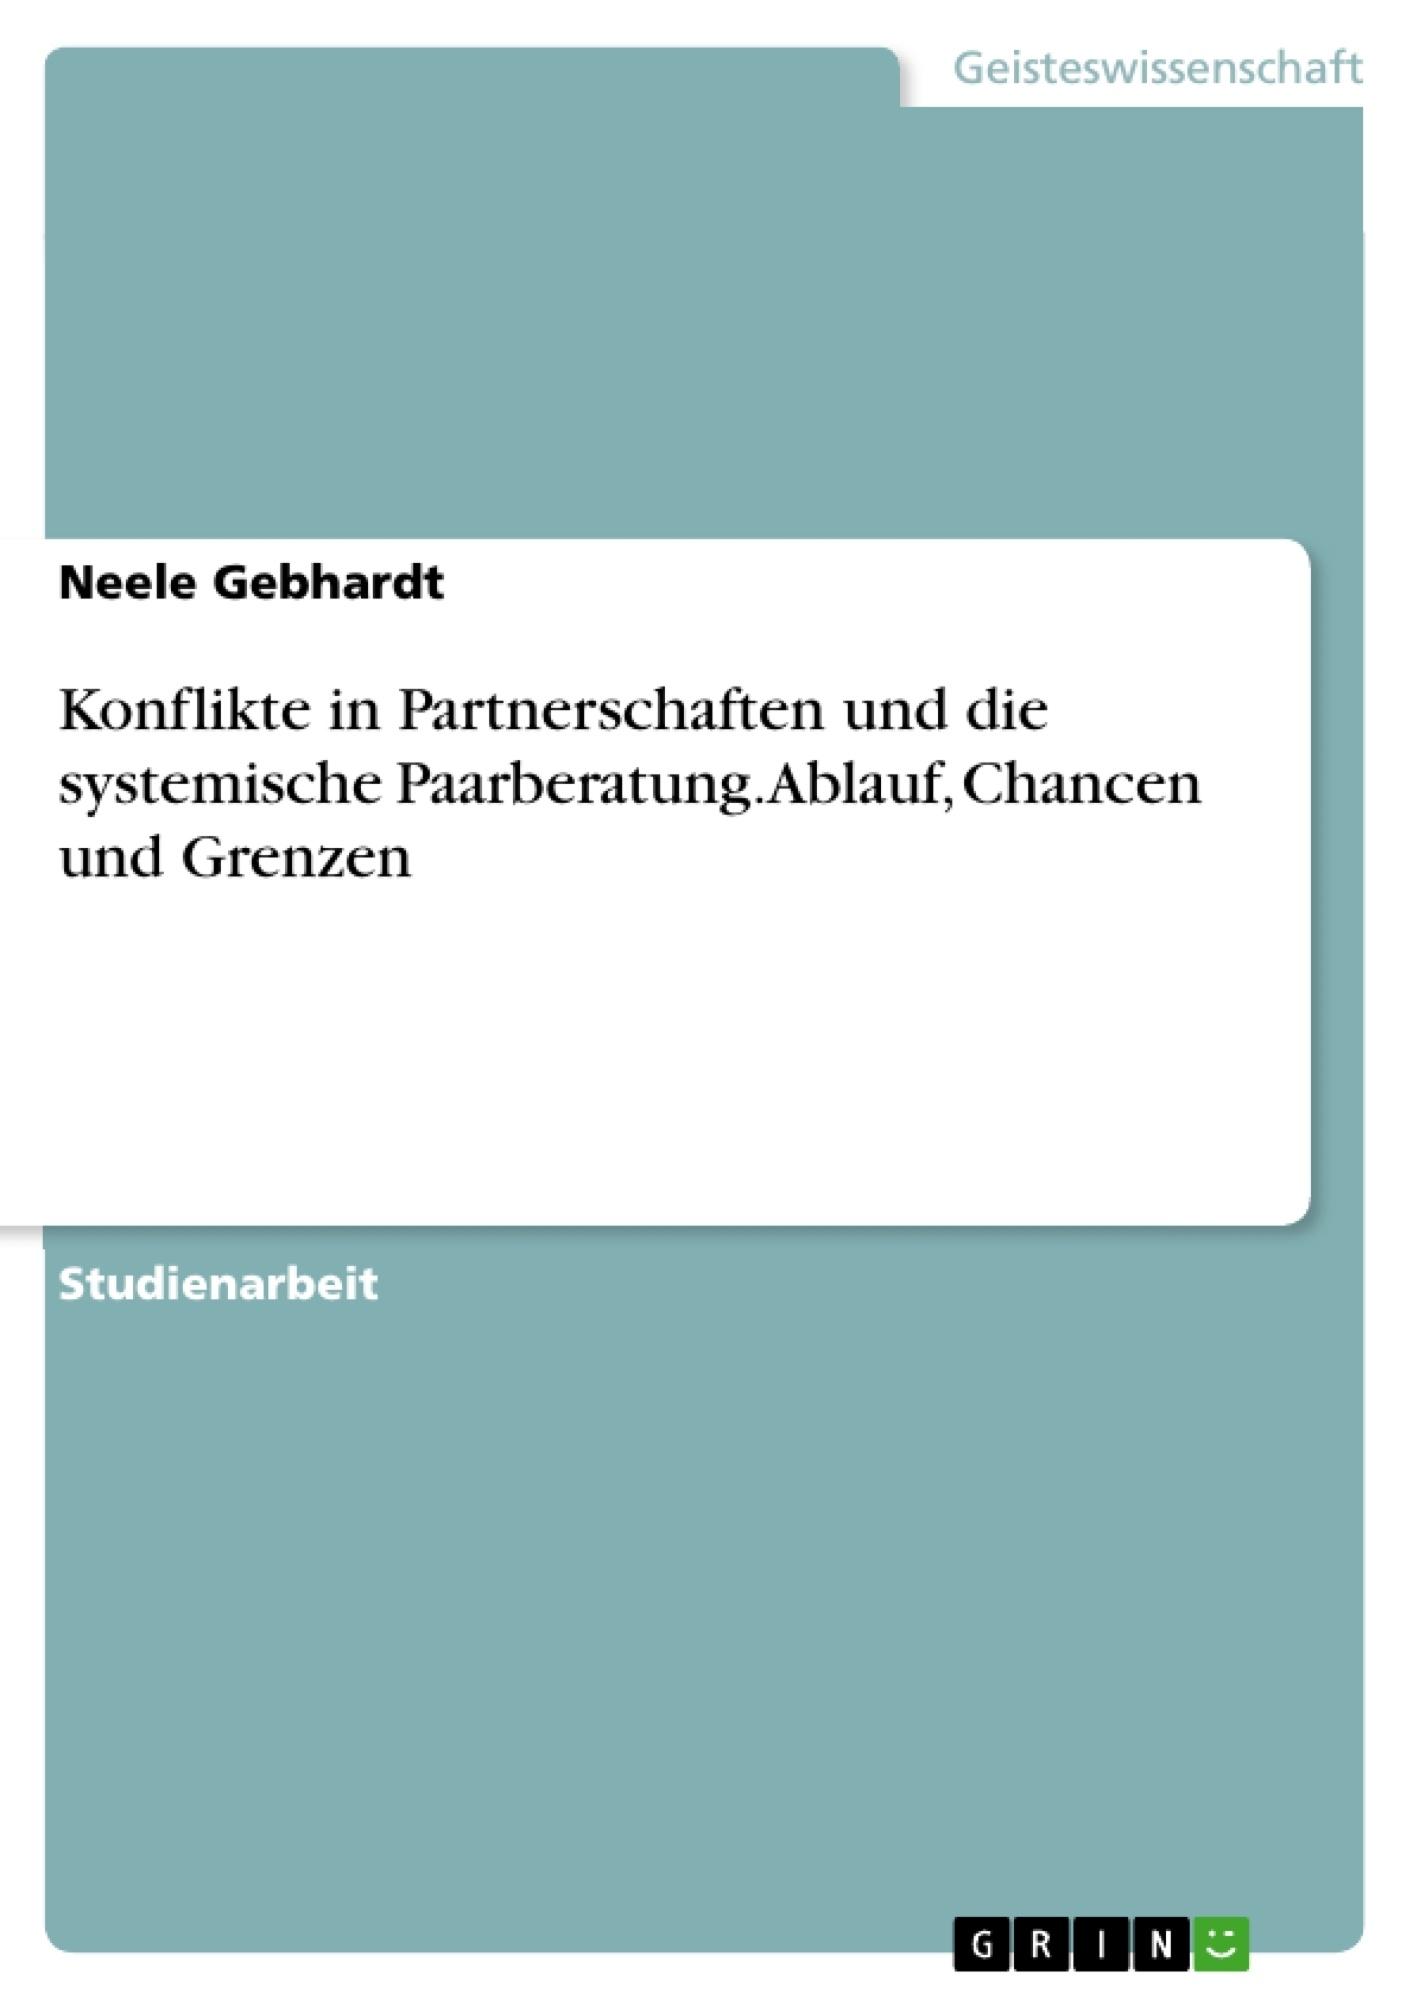 Titel: Konflikte in Partnerschaften und die systemische Paarberatung. Ablauf, Chancen und Grenzen